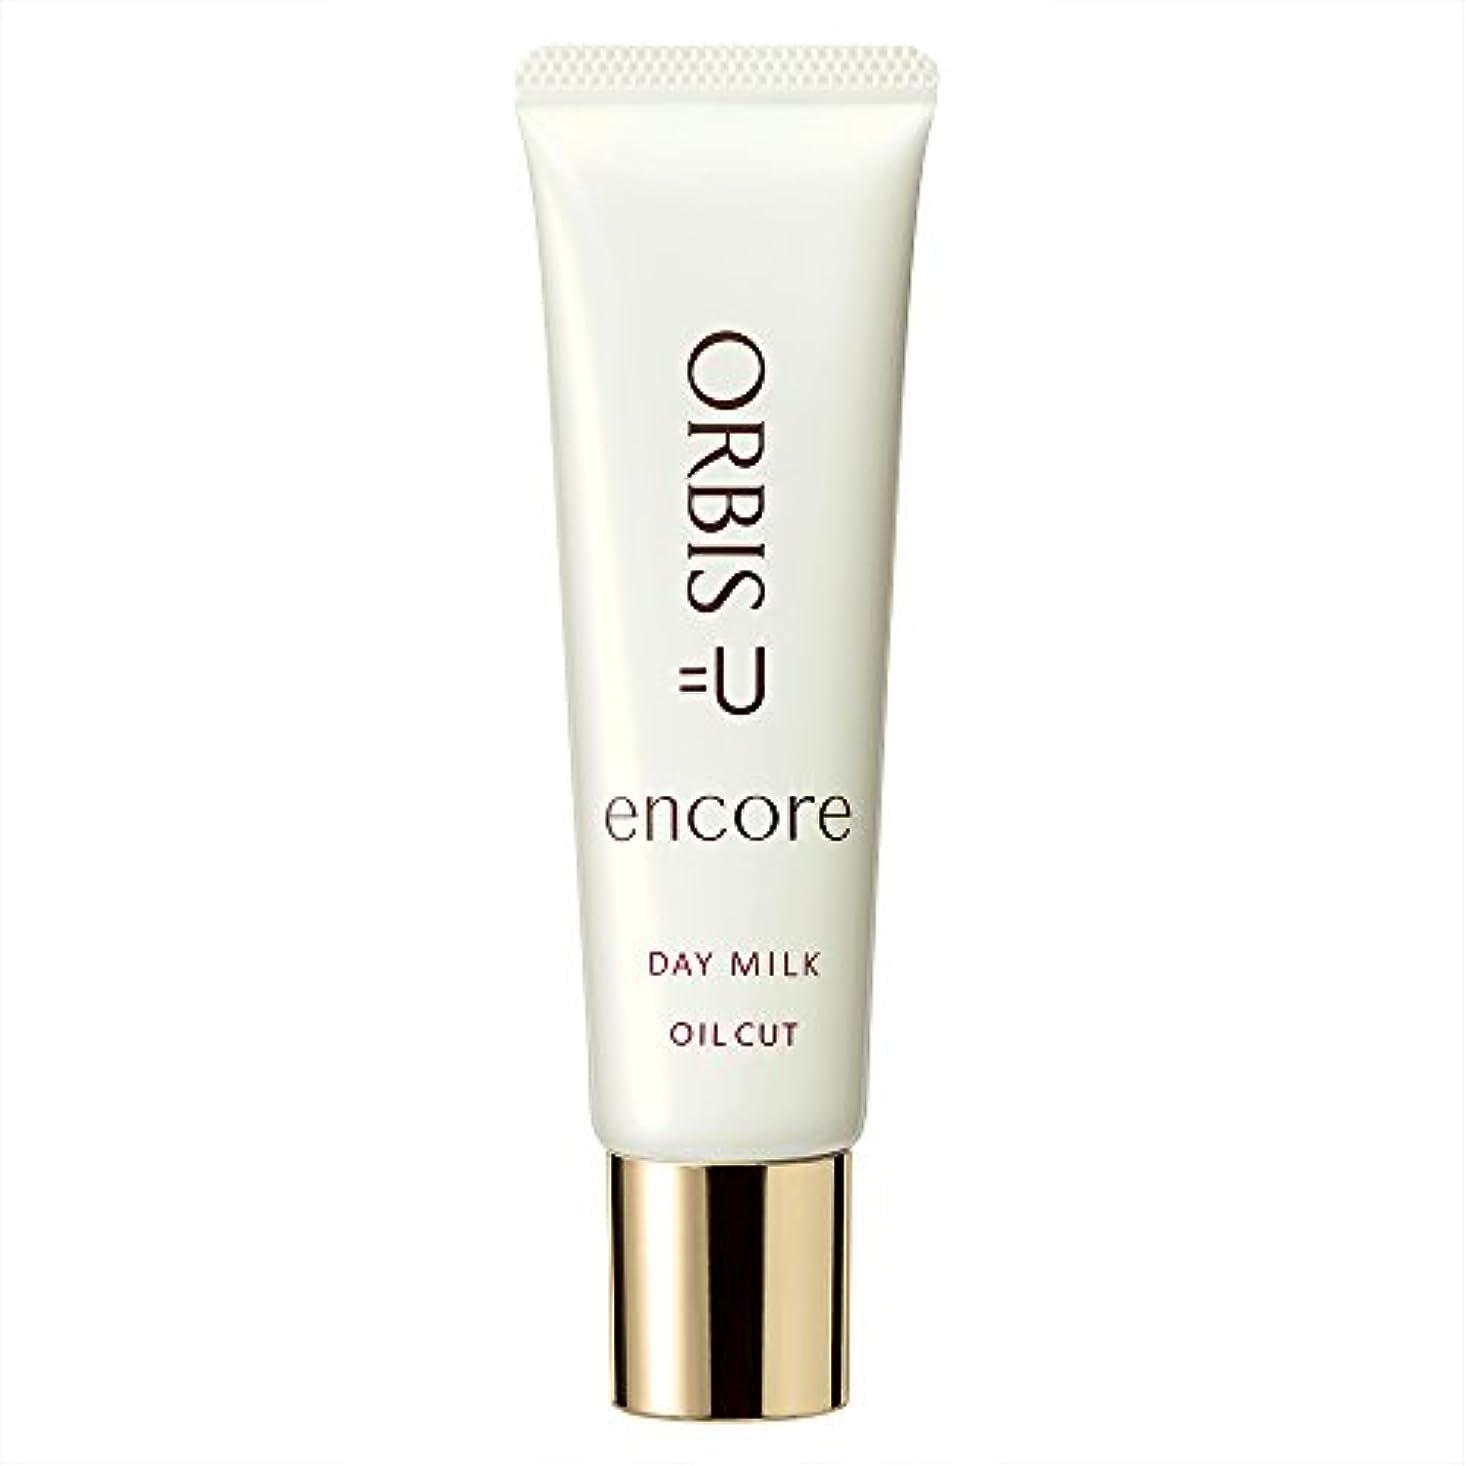 区別それに応じて買収オルビス(ORBIS) オルビスユー アンコール デイミルク 30g 日中用保湿液